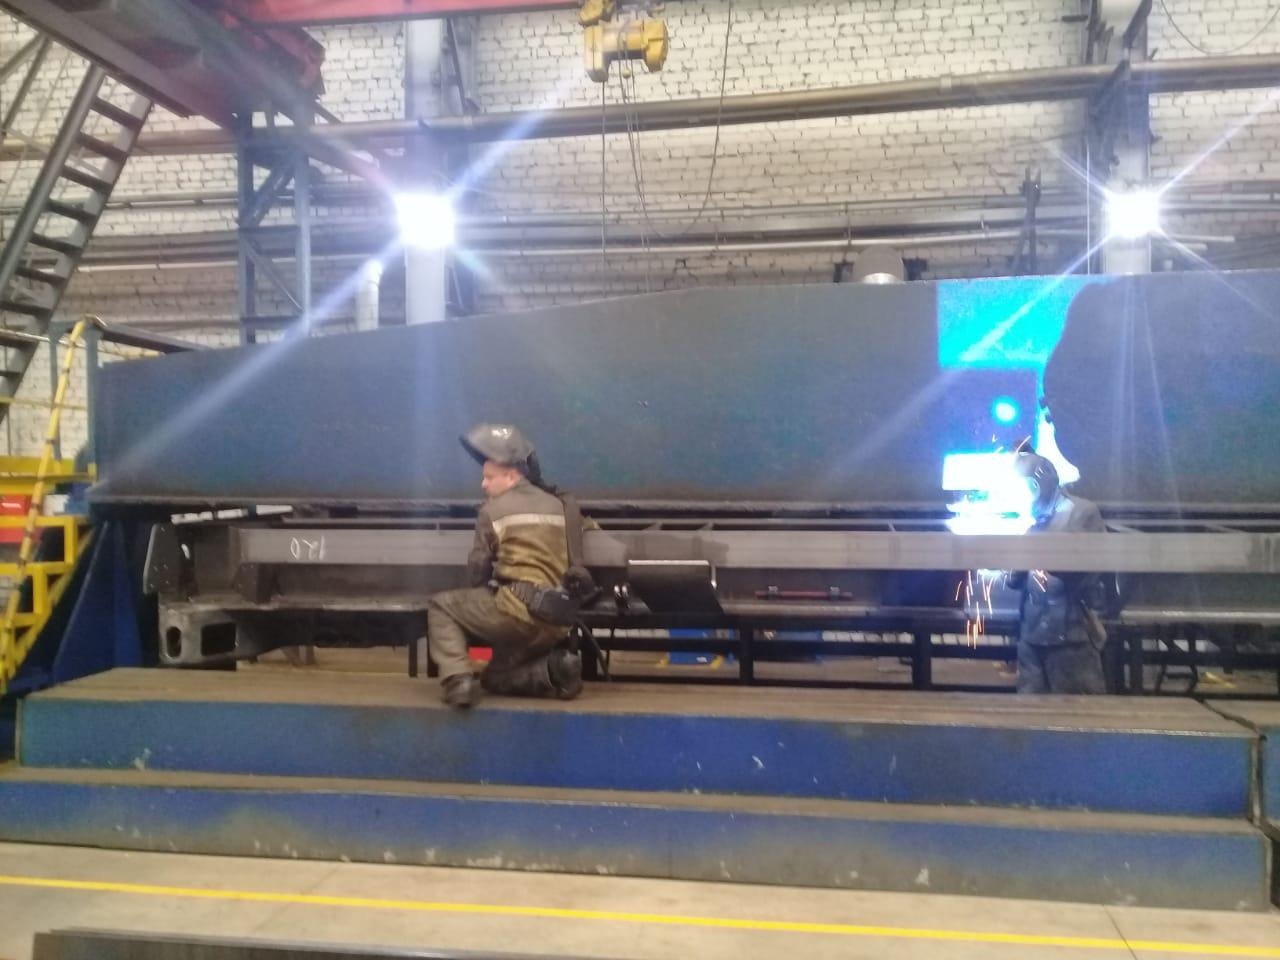 جولة لليوم السابع بمصنع جرارات السكة الحديد الروسى (29)